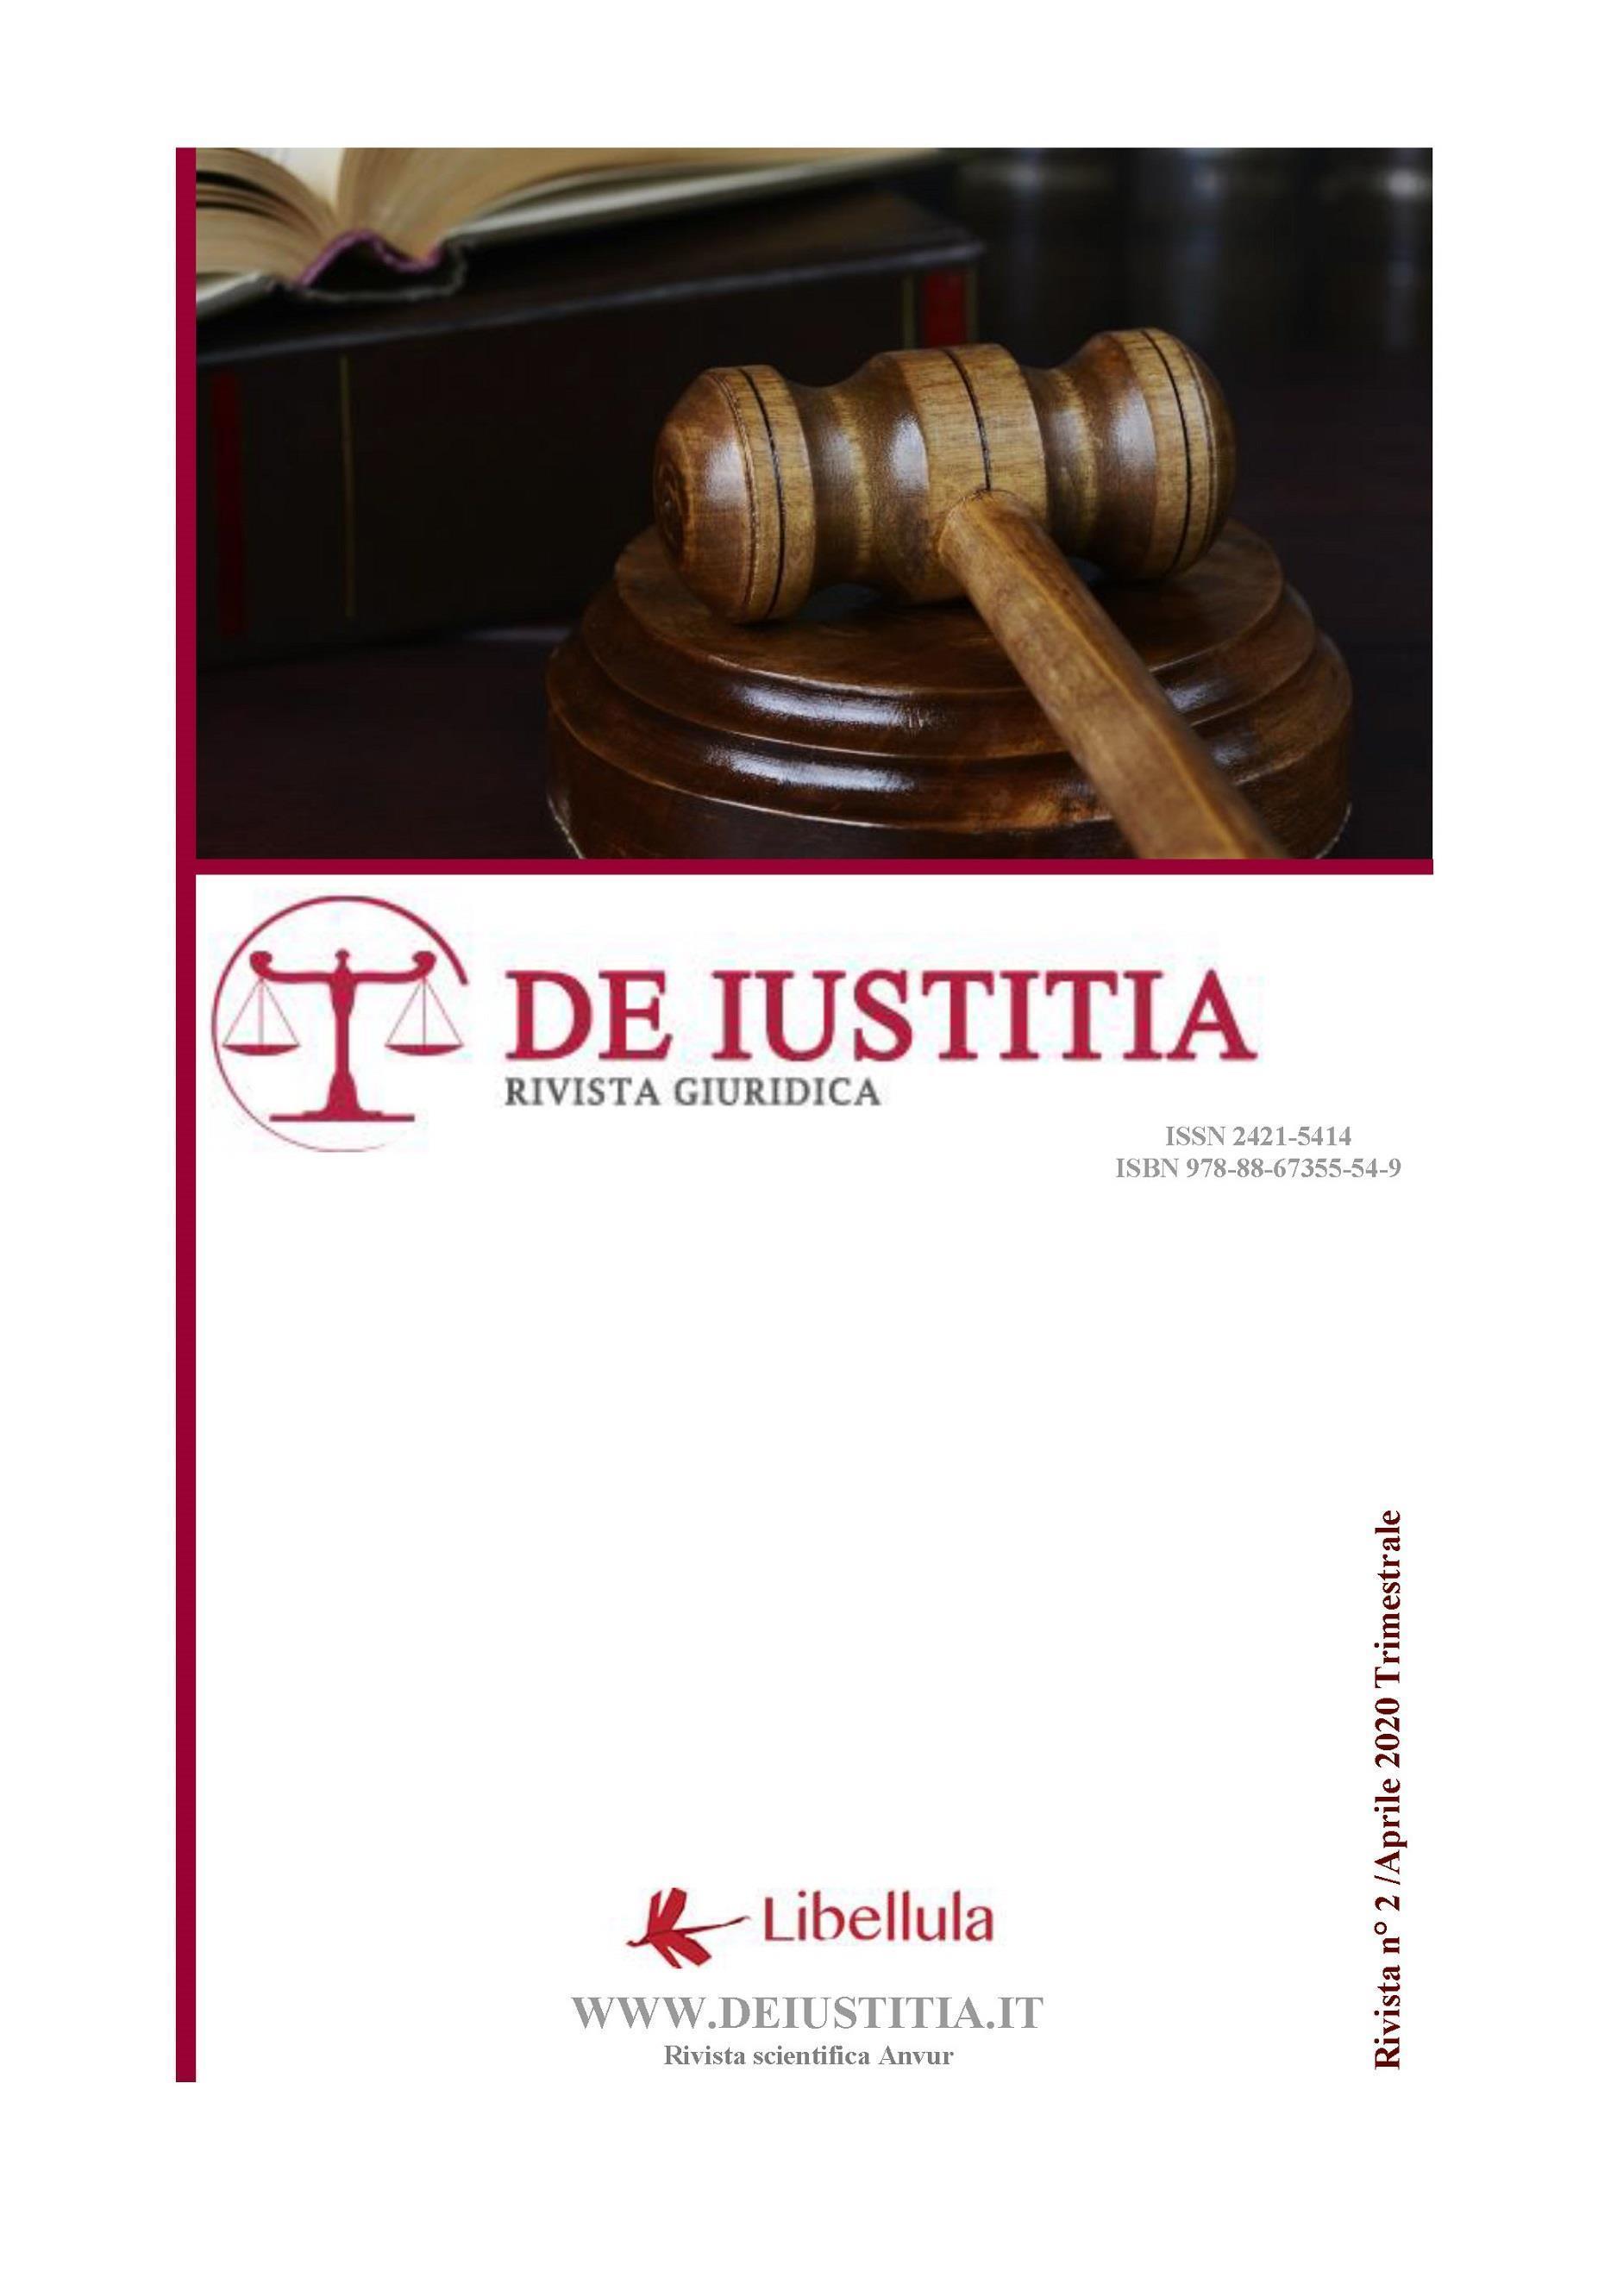 De Iustitia - Rivista di informazione giuridica - N. 2 Aprile 2020